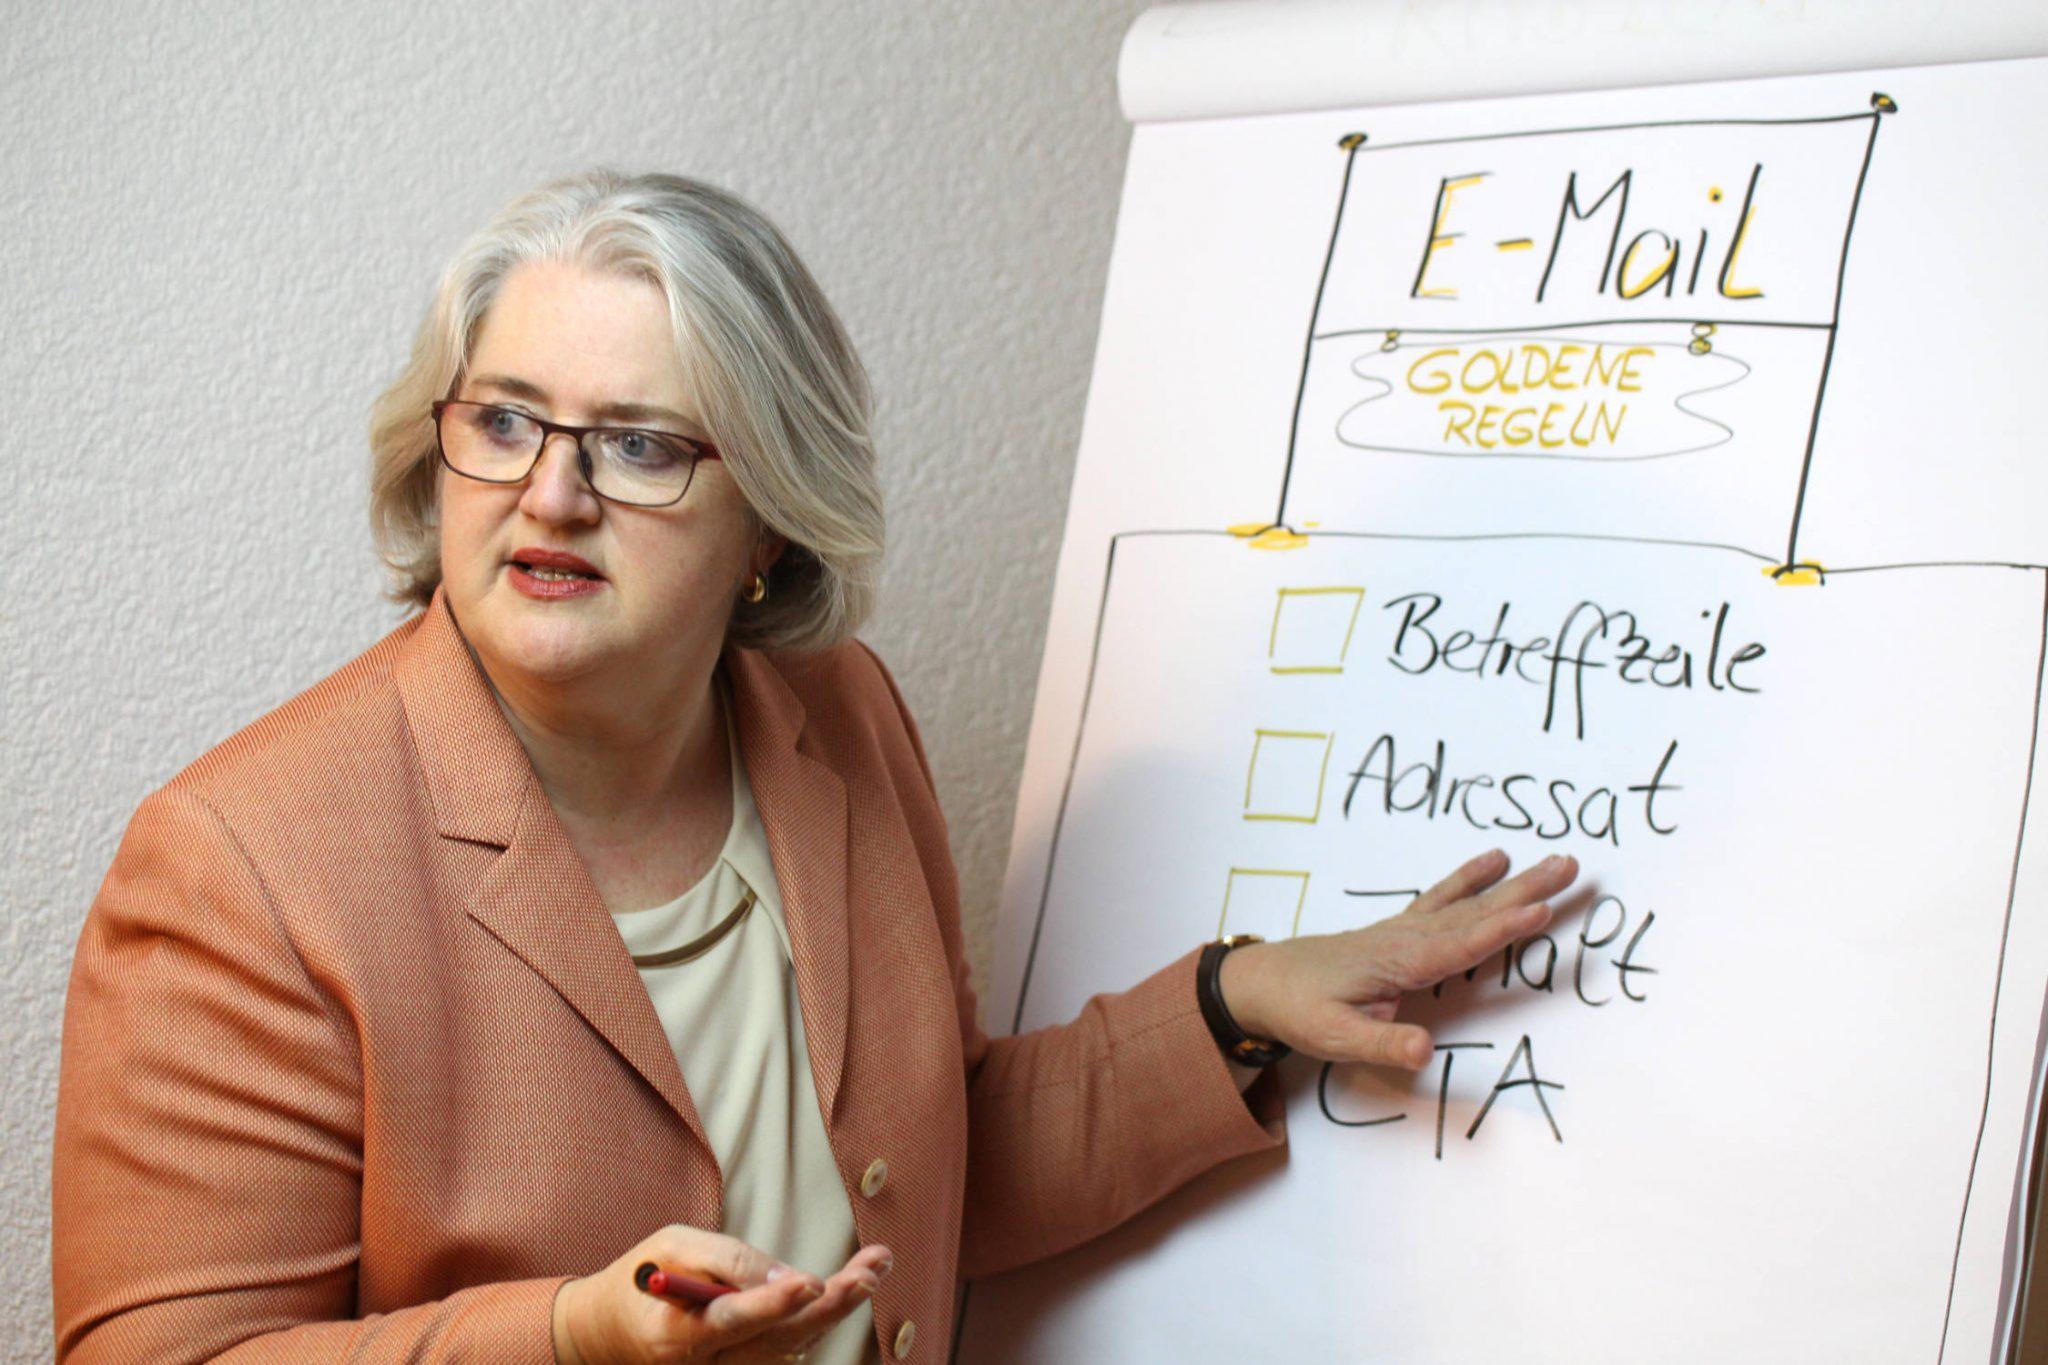 Foto: Manuela Seubert am Flipchart; Goldene Regeln für E-Mails